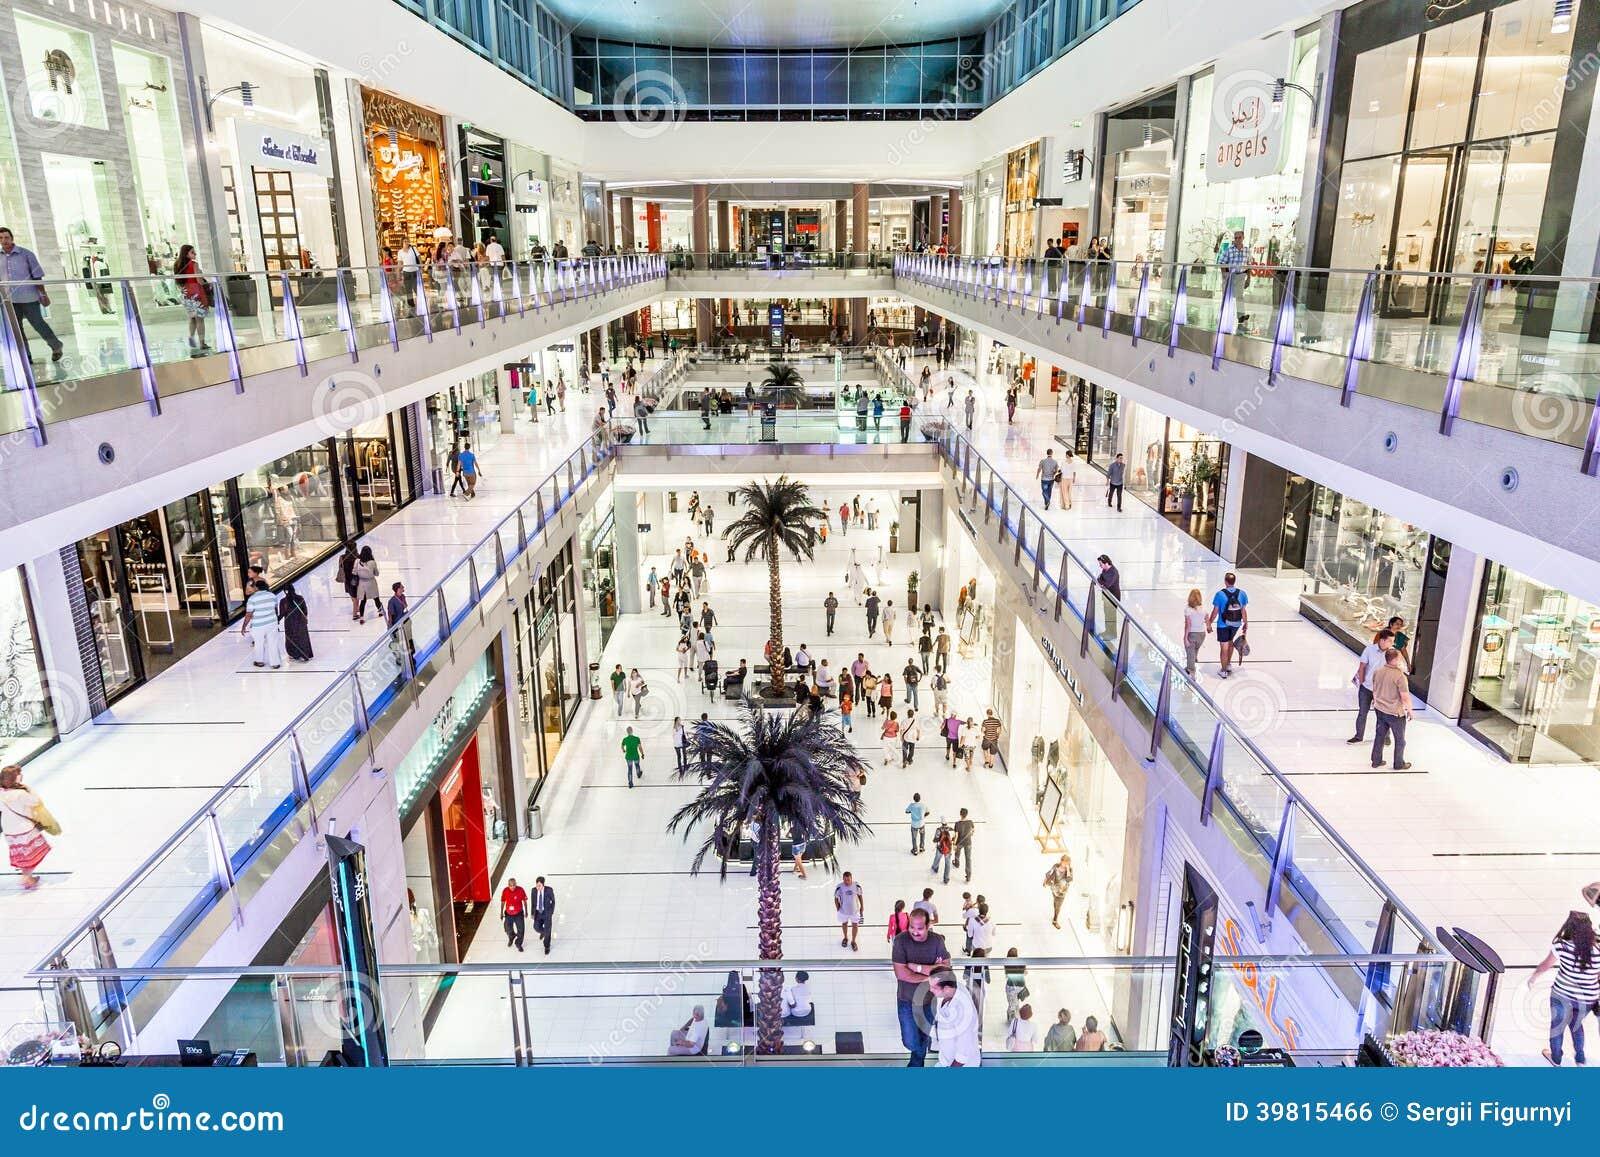 vue int rieure de mail de duba le plus grand centre commercial du monde photo ditorial. Black Bedroom Furniture Sets. Home Design Ideas